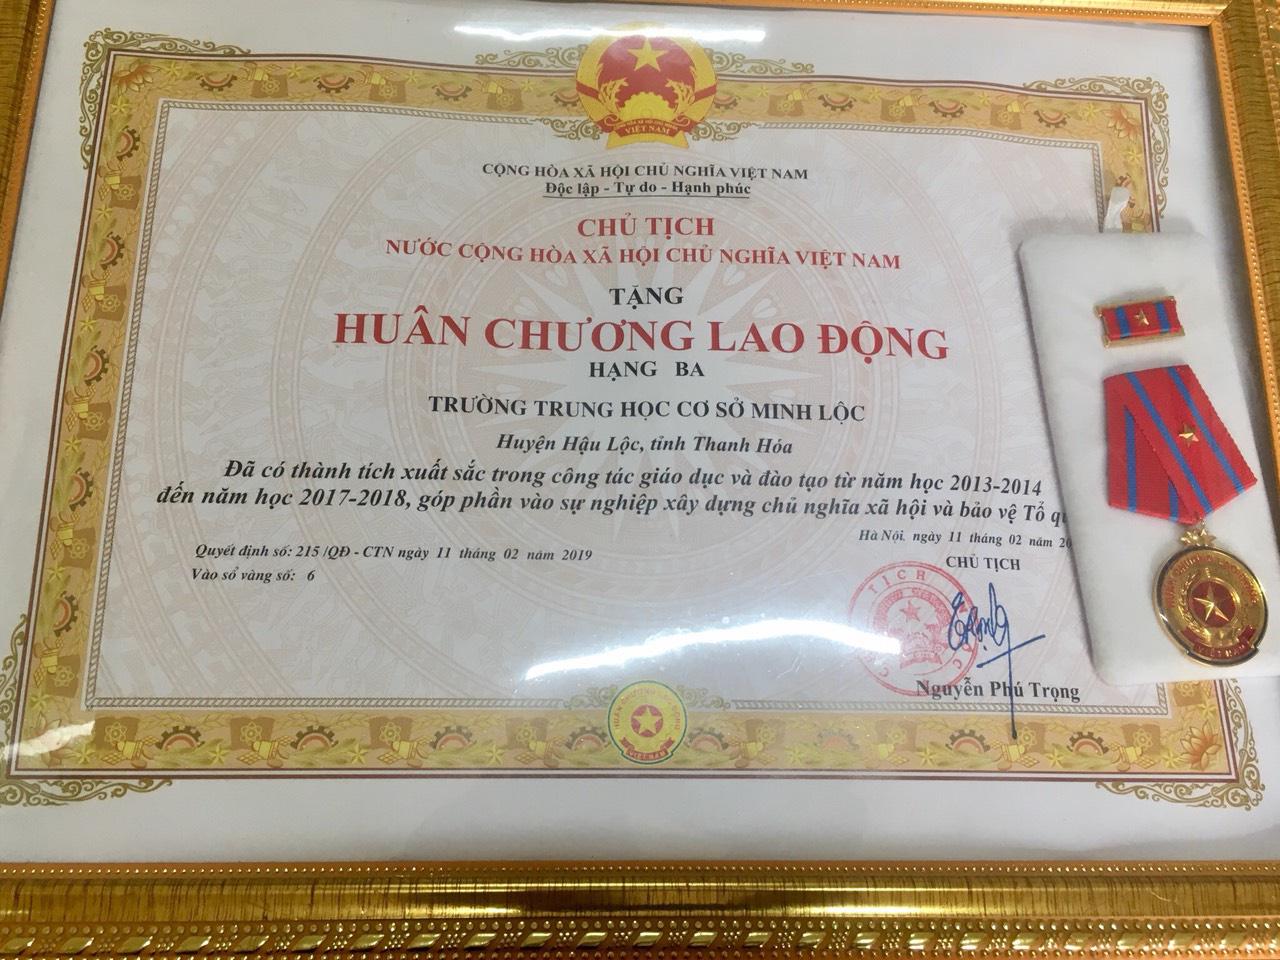 Trường THCS Minh Lộc: Xứng đáng với niềm kỳ vọng - Ảnh 2.